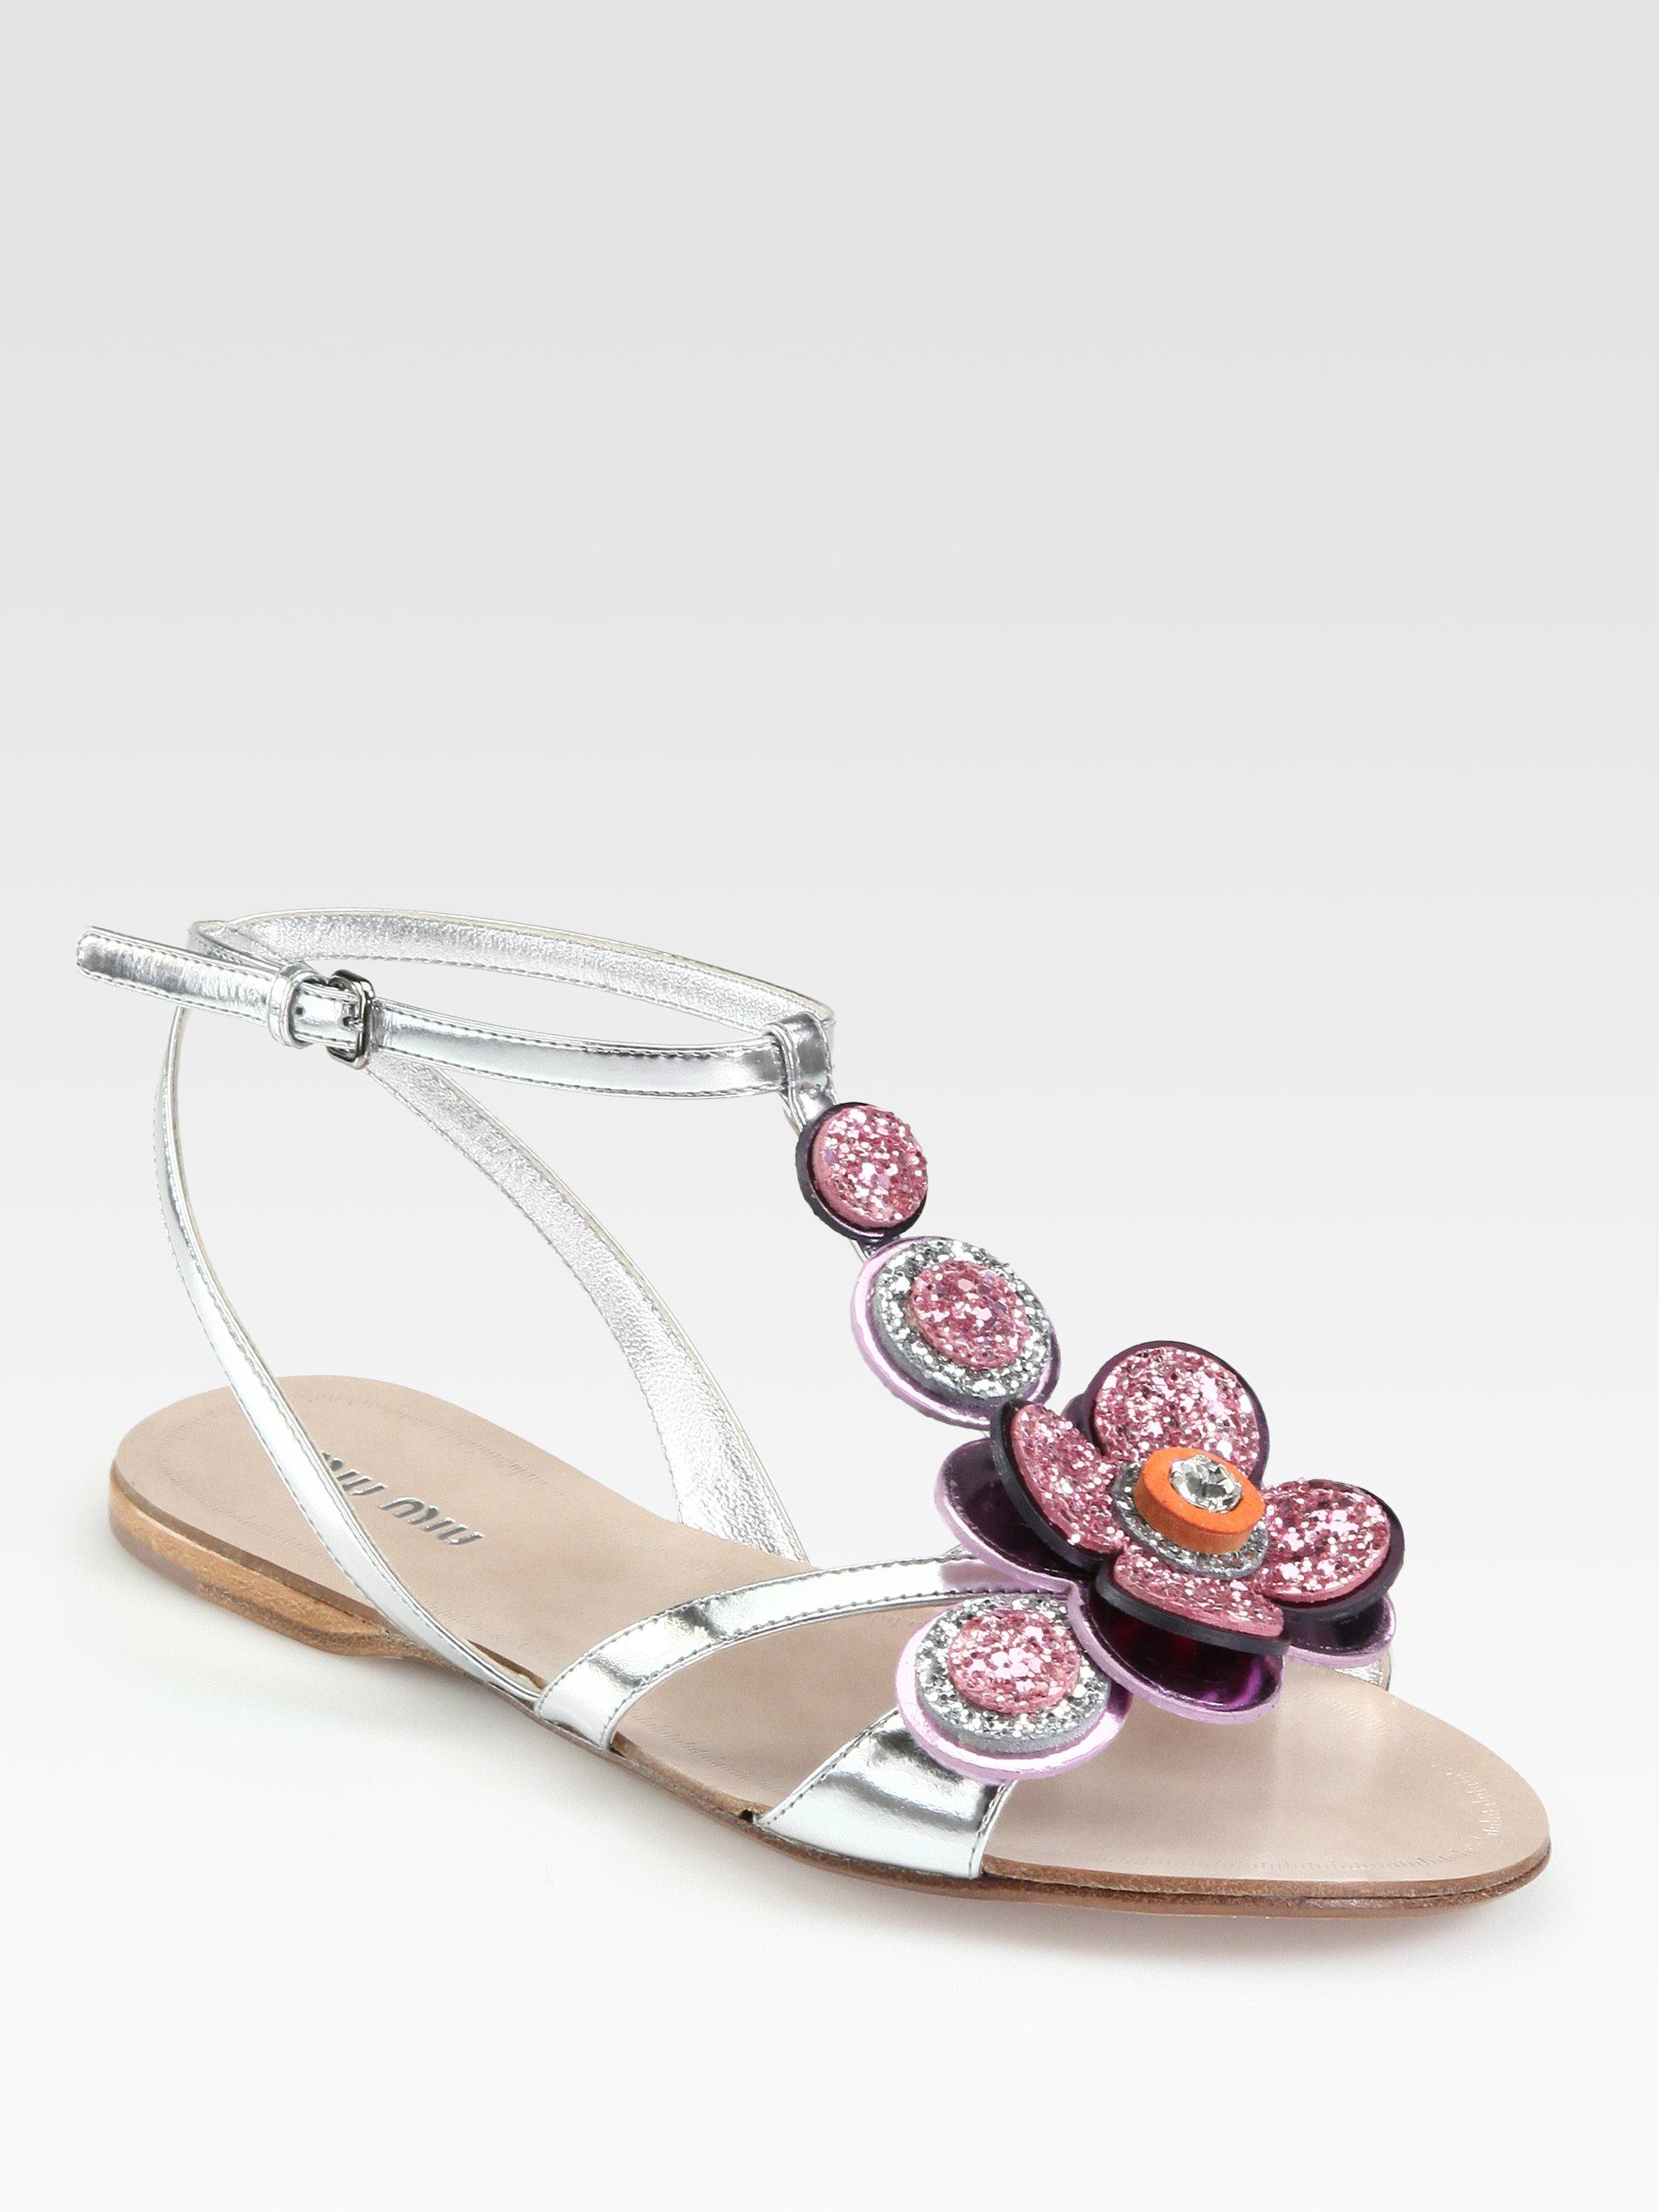 f8c024211d2dcc Lyst - Miu Miu Glitter Jeweled Flower Metallic Leather Sandals in ...